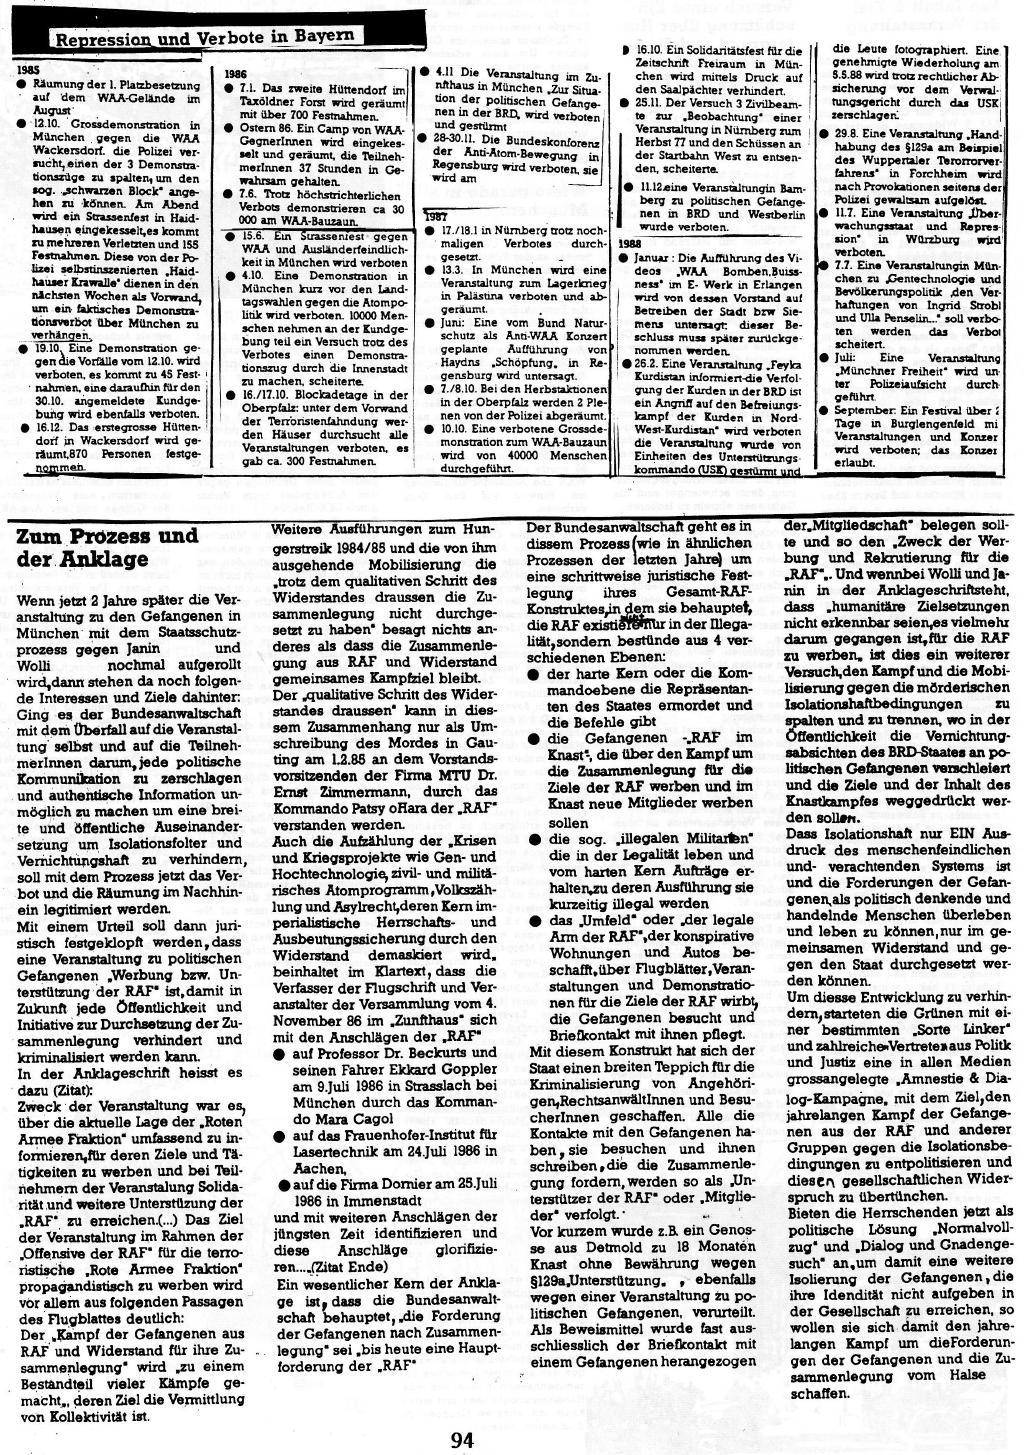 Duesseldorf_1989_Sechs_Politische_Gefangene_094